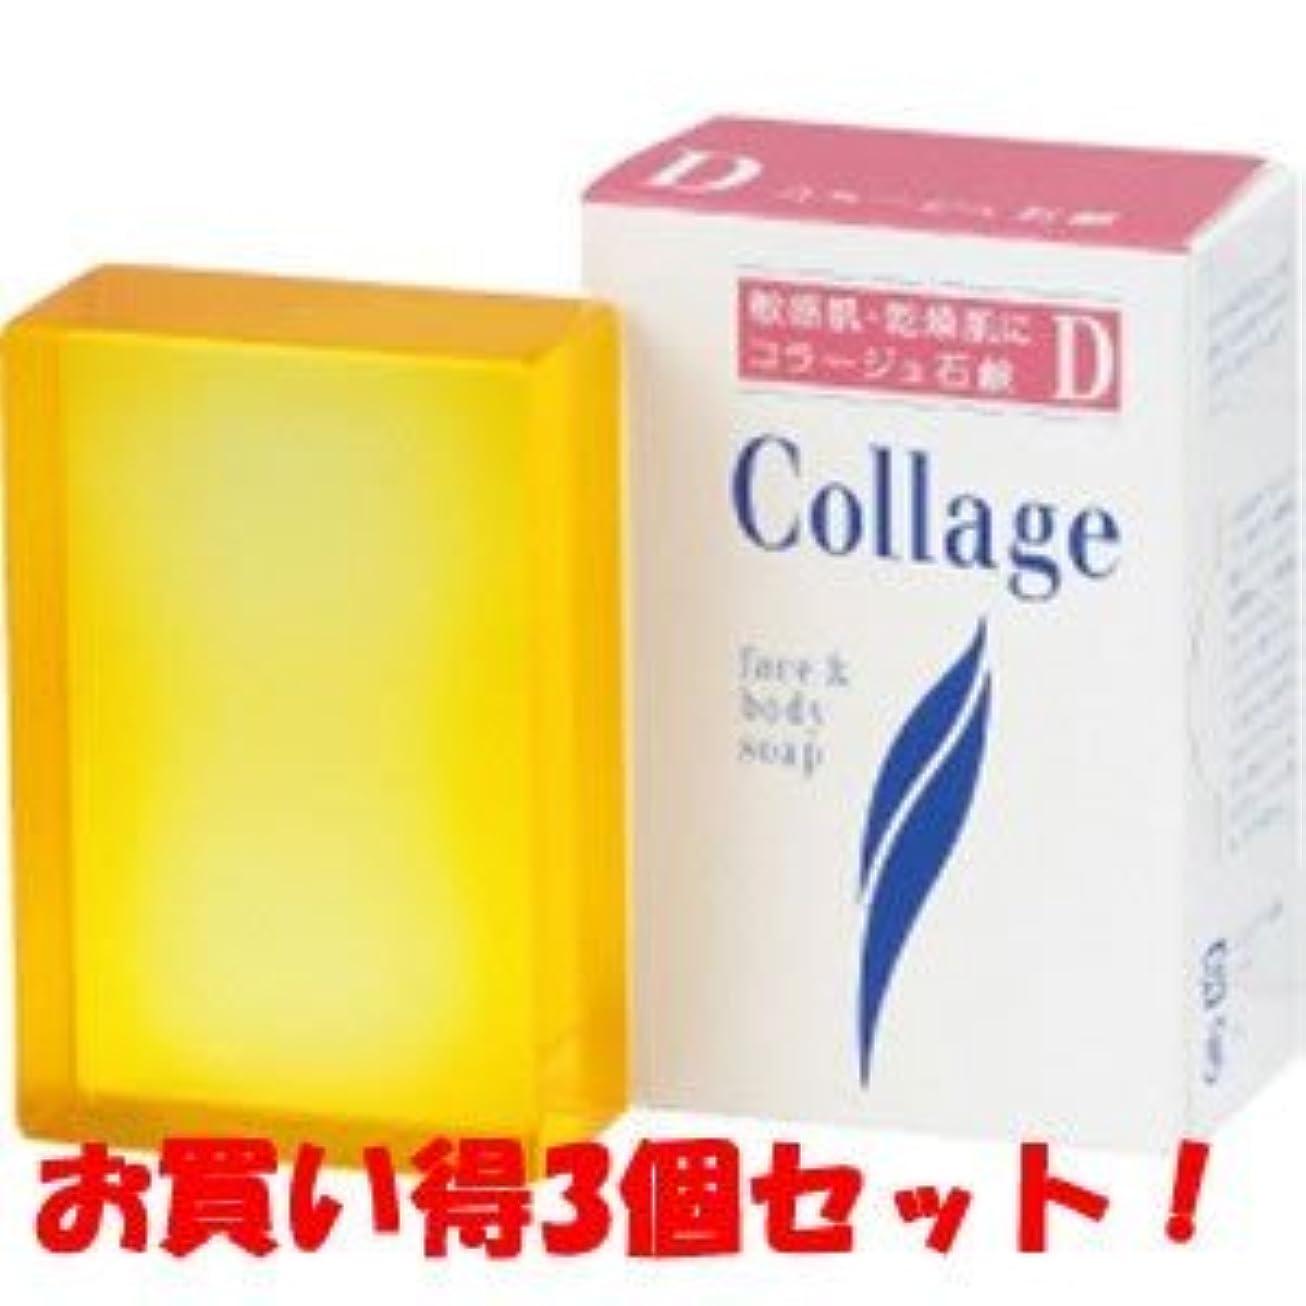 失効レシピ驚かす(持田ヘルスケア)コラージュD乾性肌用石鹸 100g(お買い得3個セット)